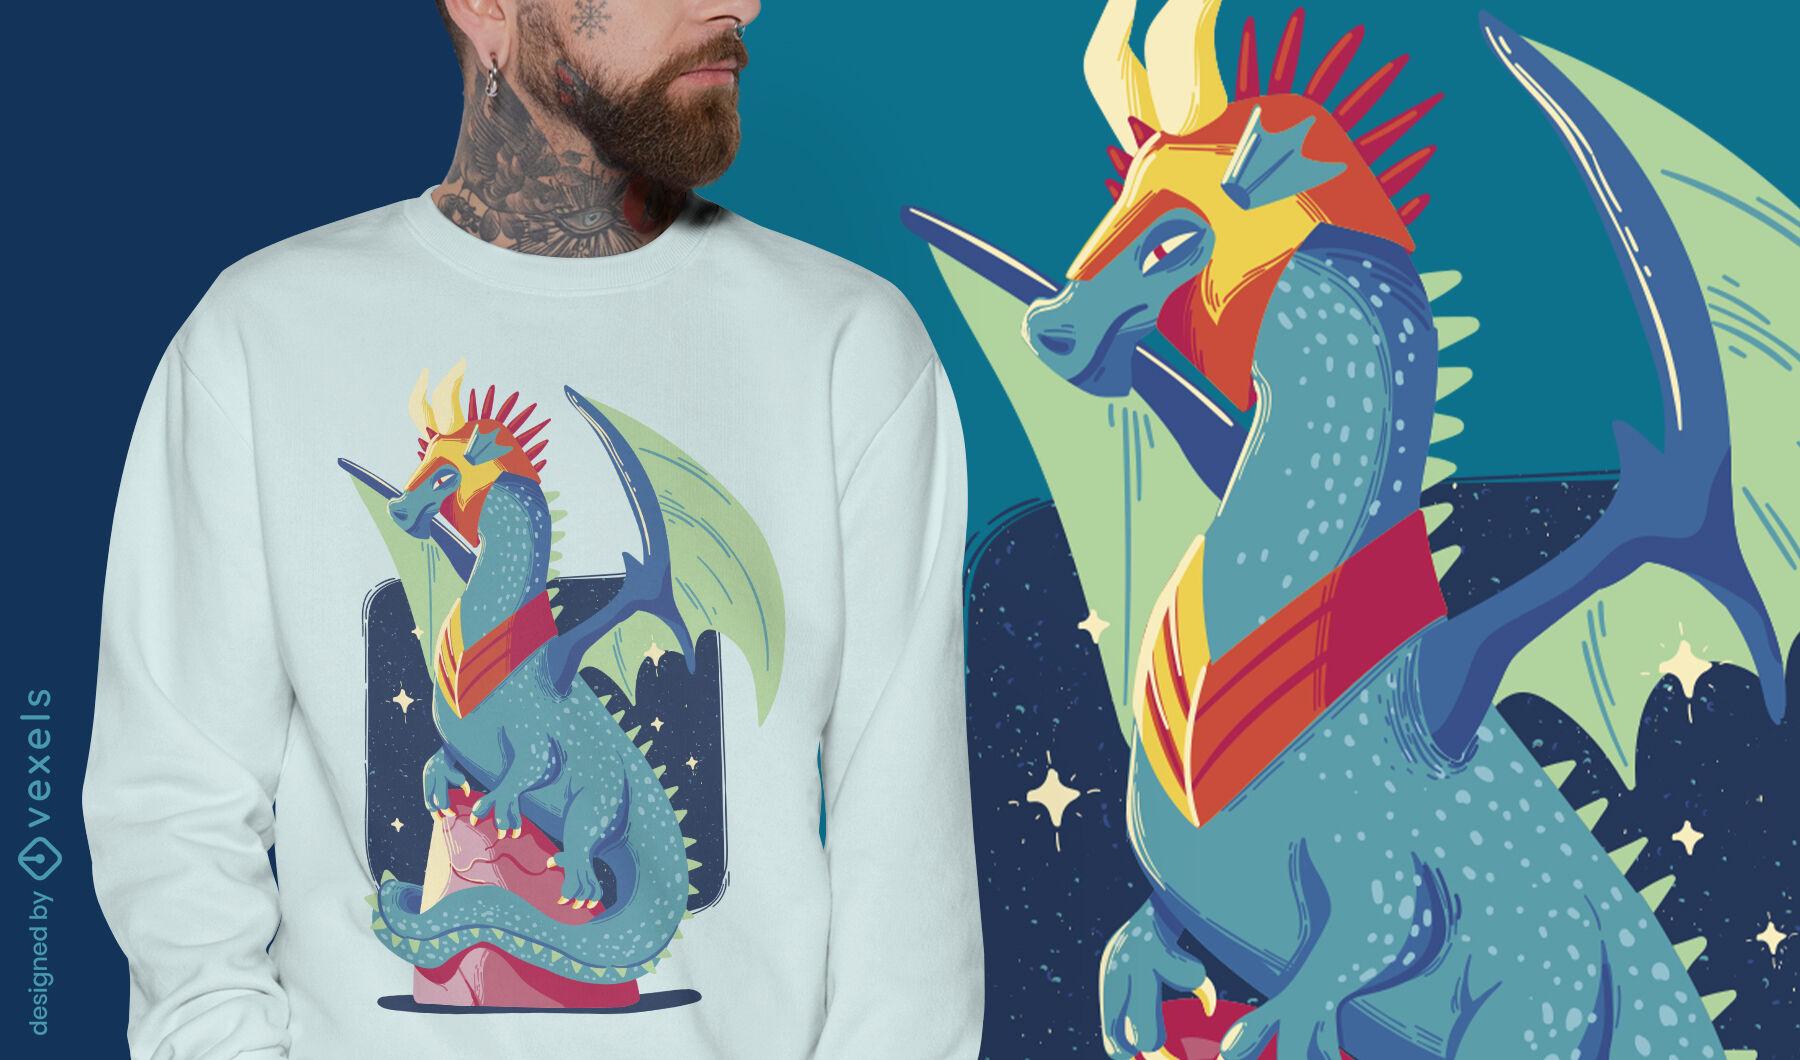 Cool armor dragon t-shirt desgin